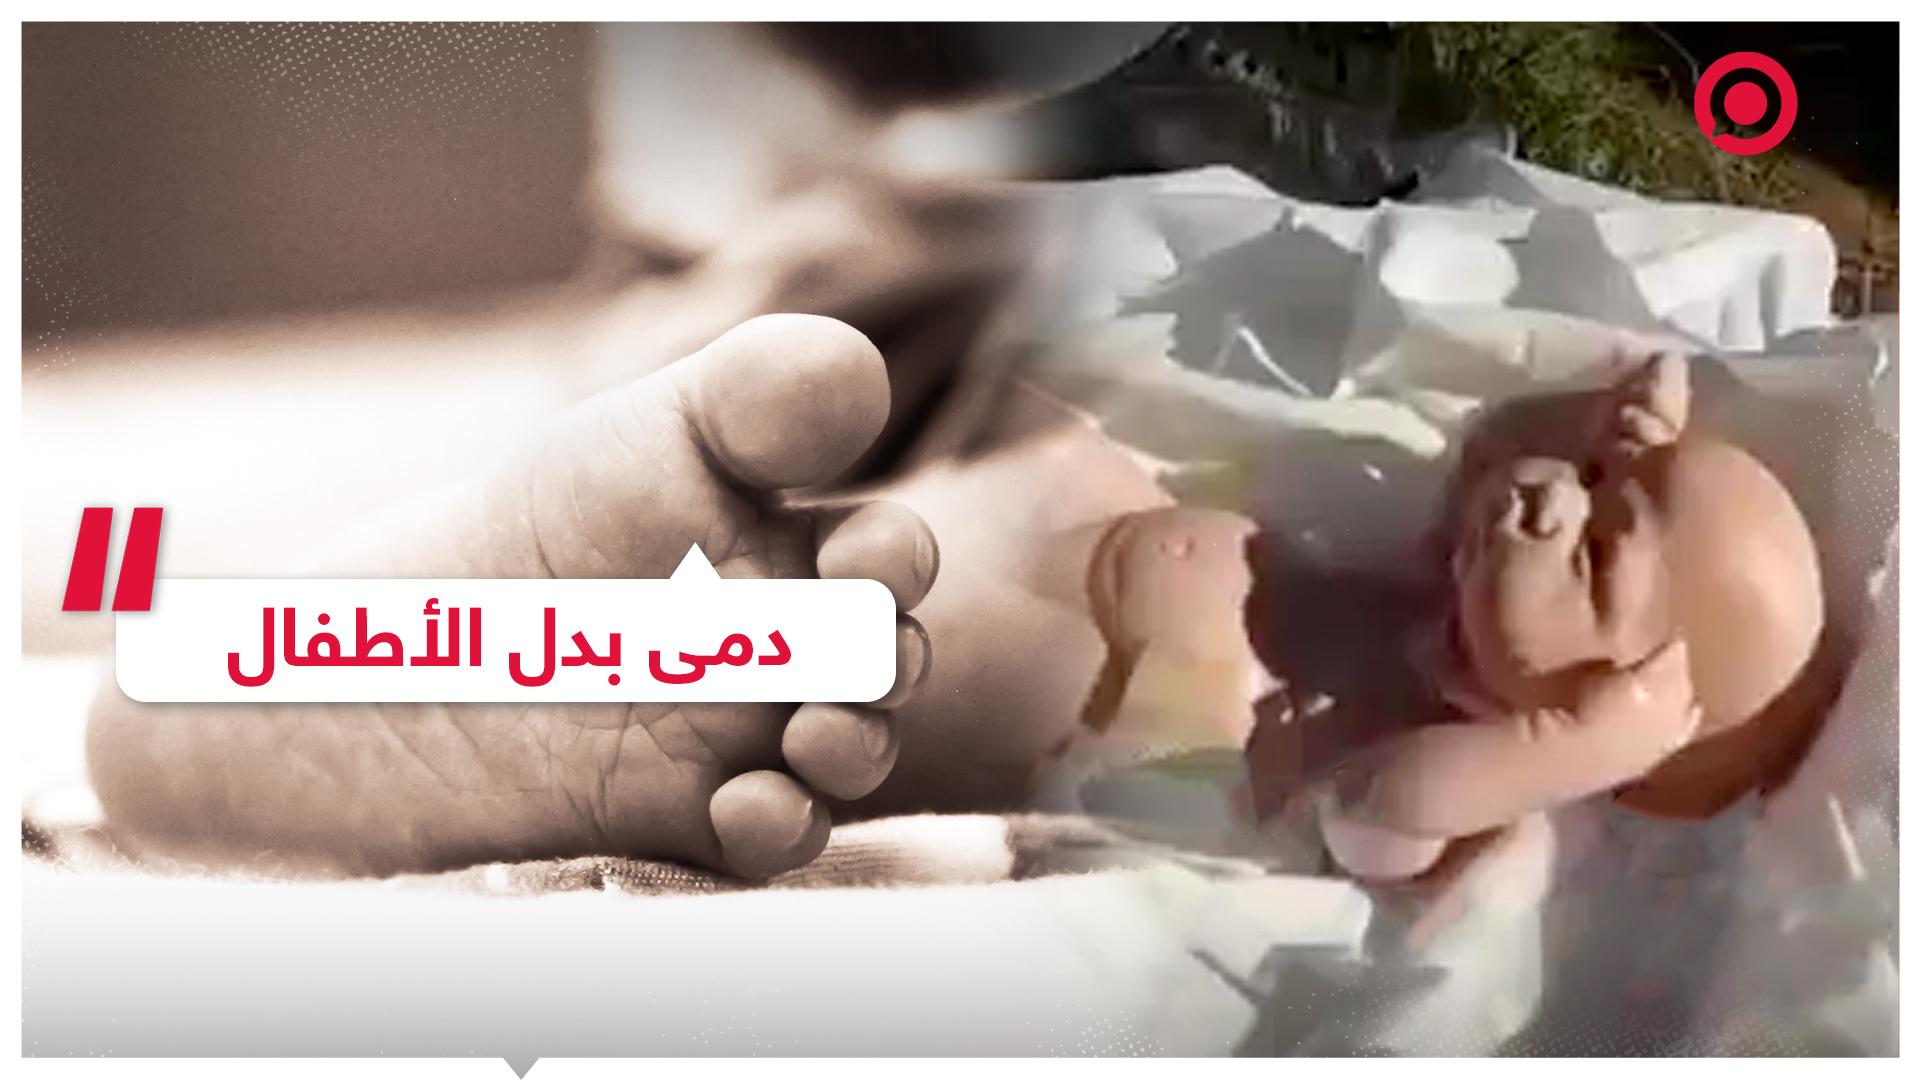 رجل يجد دمى في الكفن أثناء دفنه لطفليه